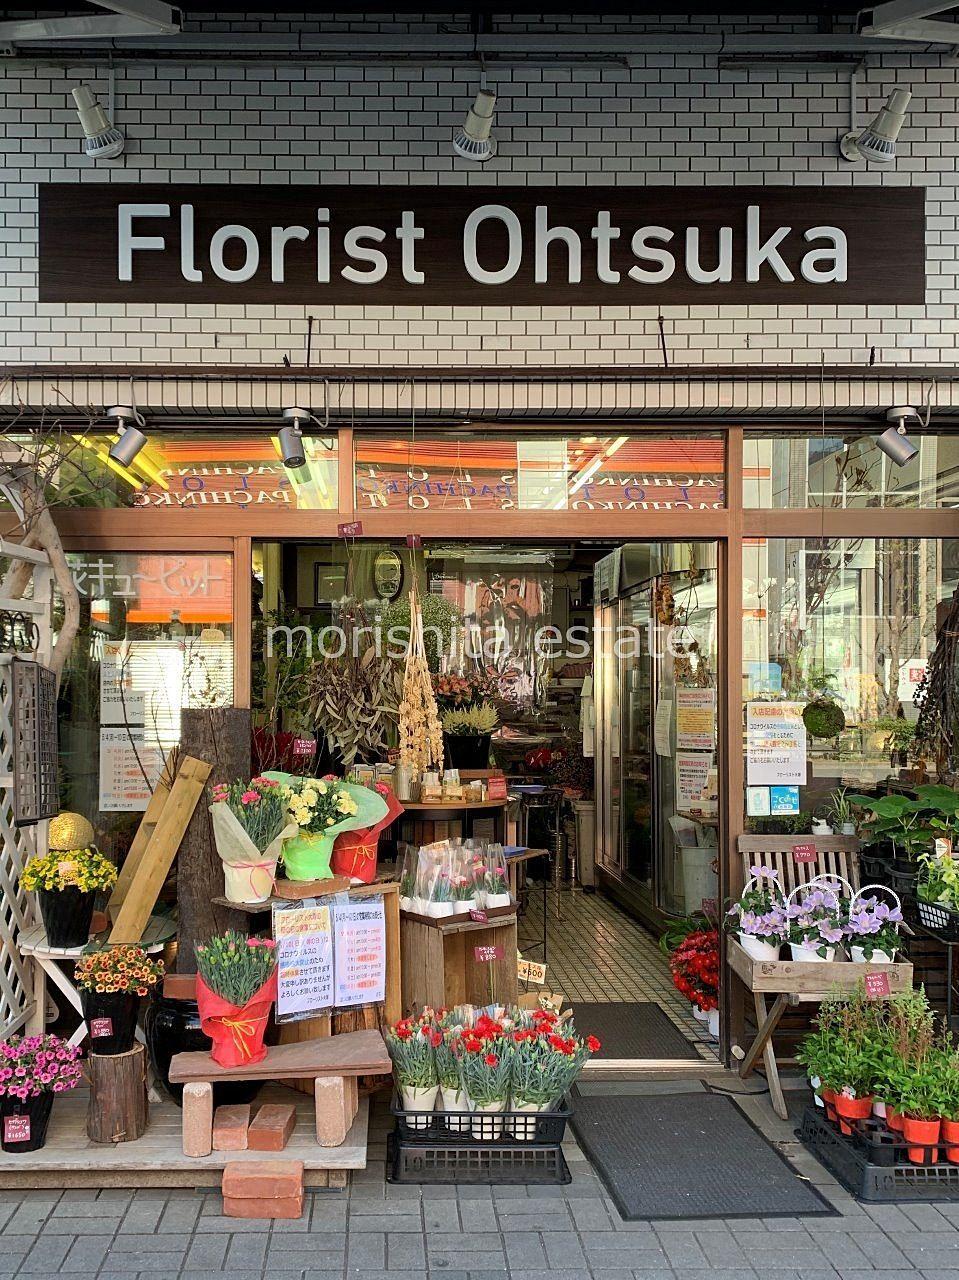 Florist Ohtsuka